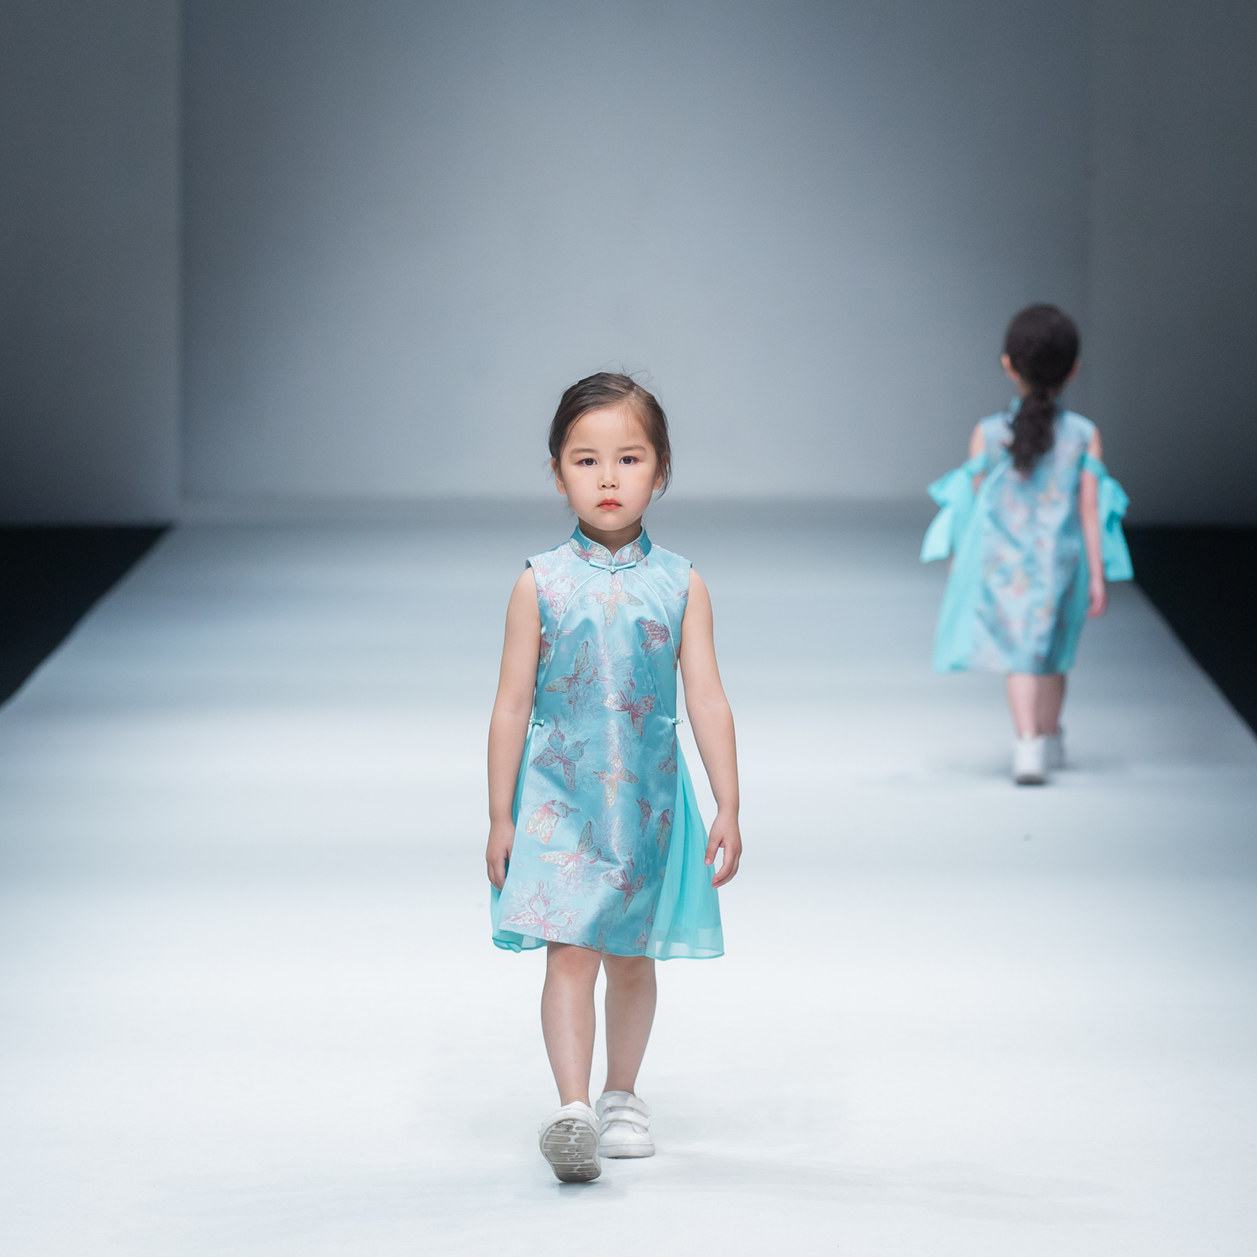 En Chine, le boom des enfants-mannequins fait polémique